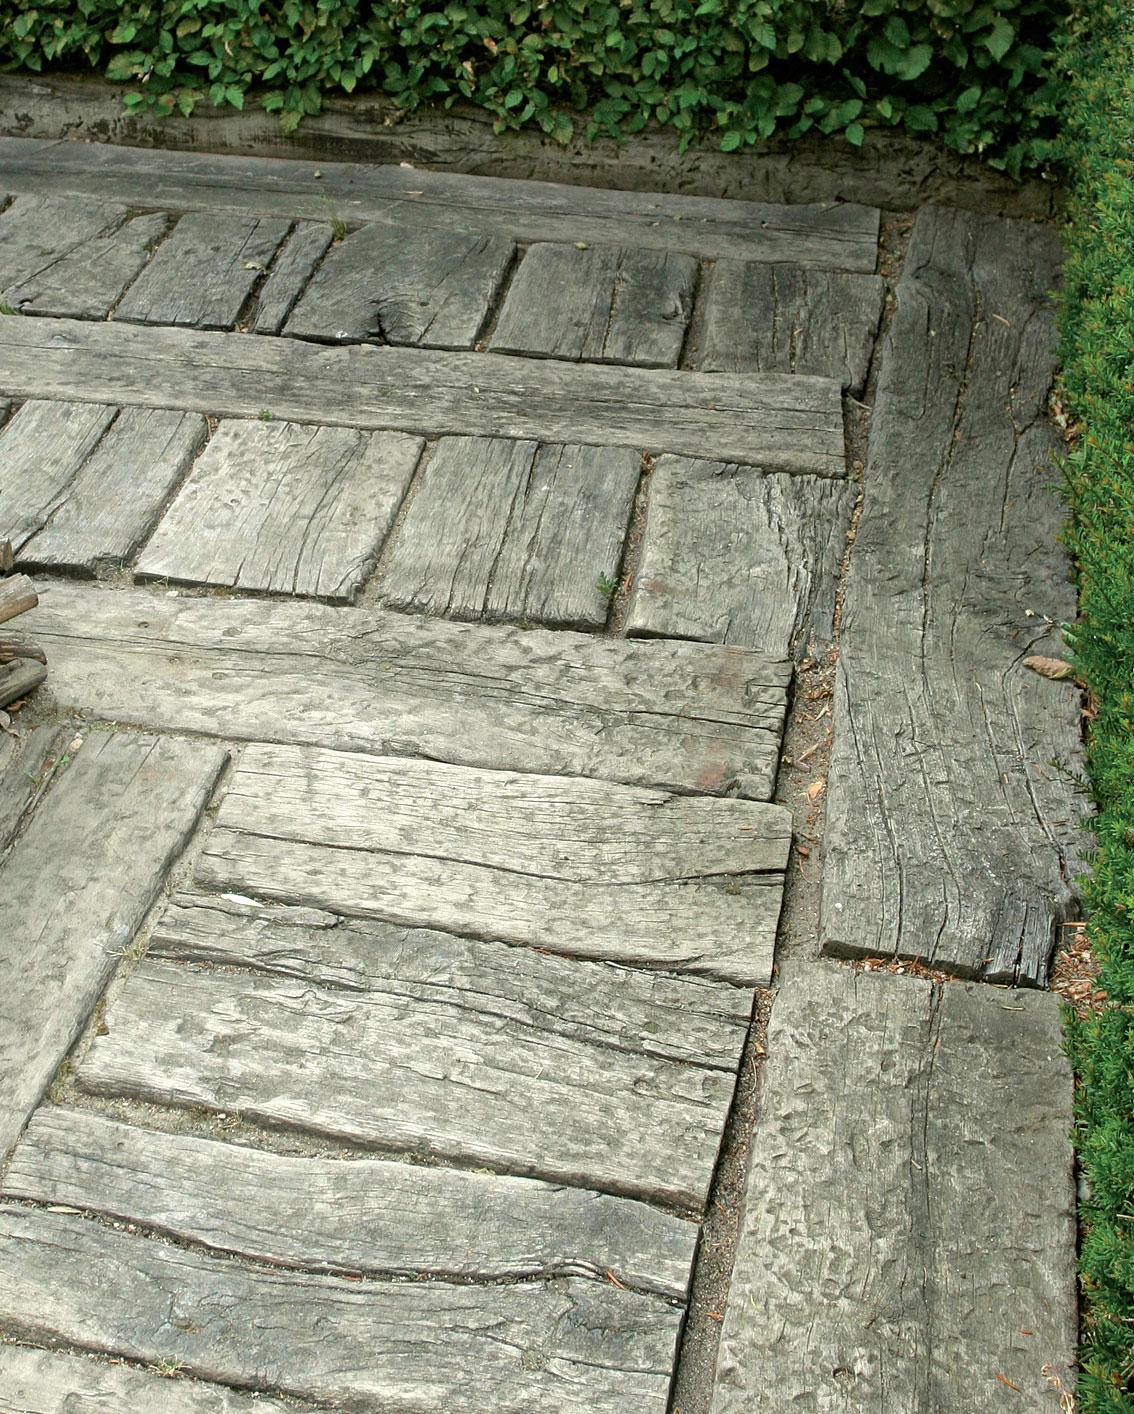 Paksuista lankuista ladottu tiivis kulkuväylä haalistuu ja patinoituu ajan saatossa harmaaksi.